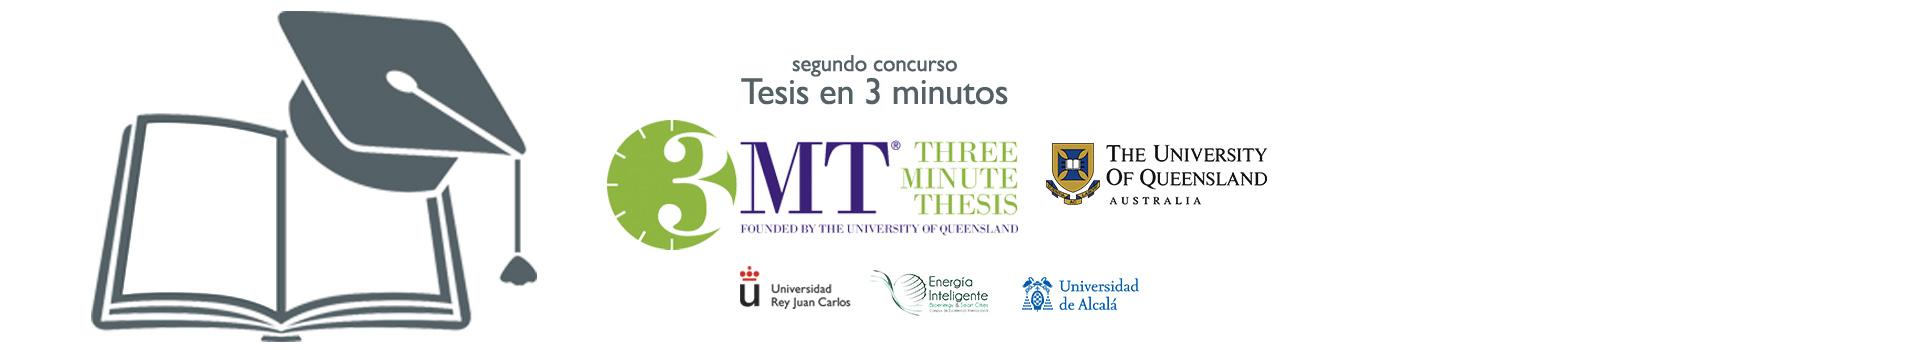 slide_nuevo2017_tesis